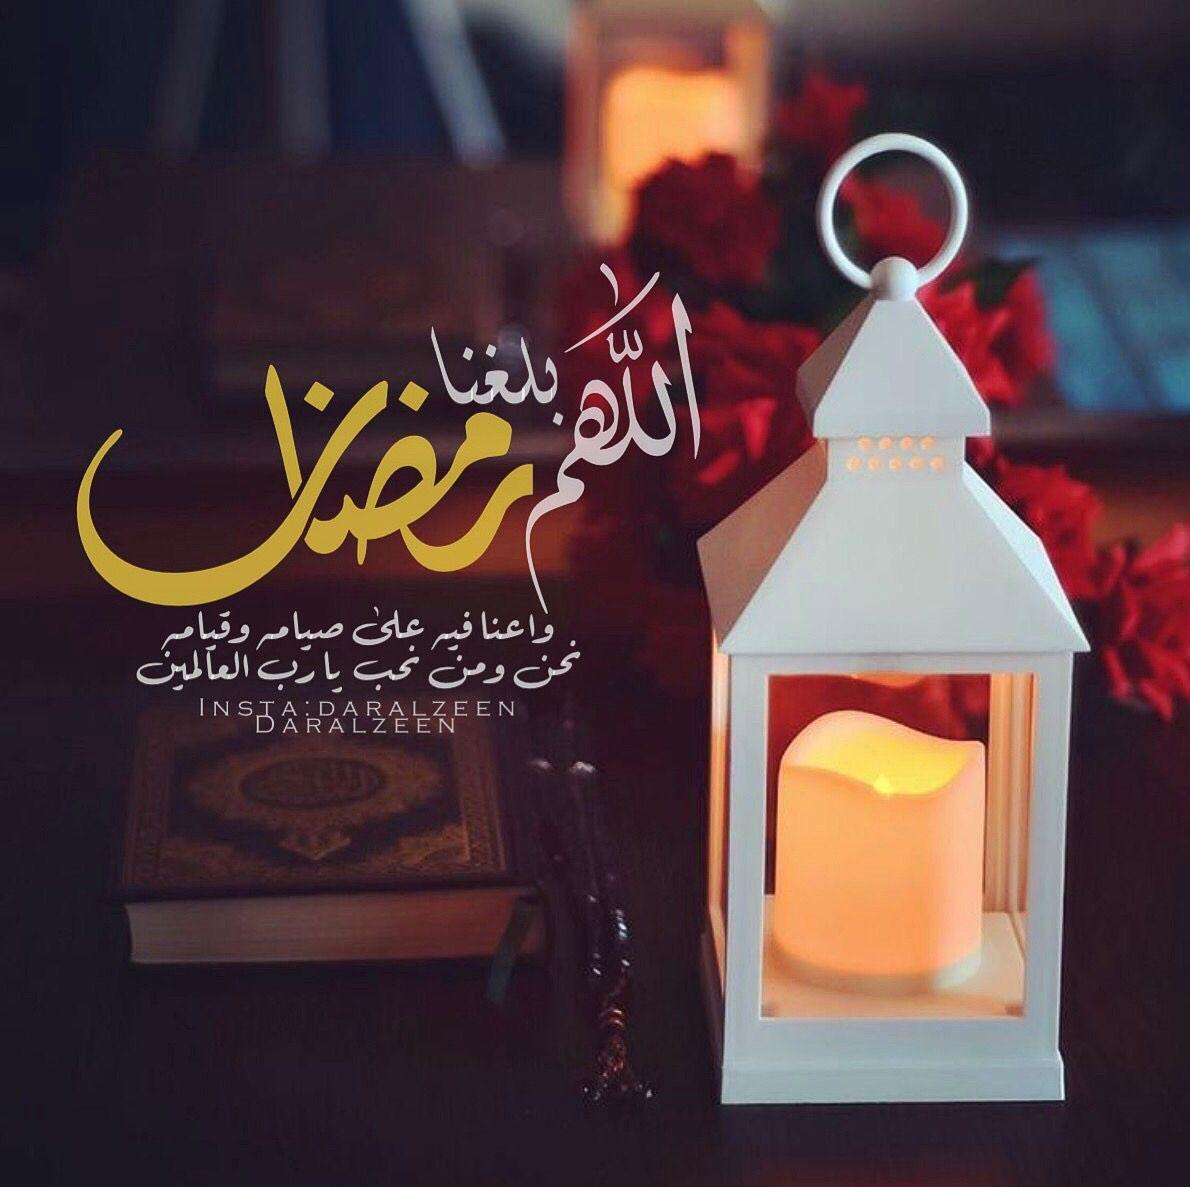 اللهم بلغنا رمضان واعنا فيه على صيامه وقيامه نحن وكل اهلنا ومن نحب فيك يا رب العالمين Candle Sconces Cute Love Images Ramadan